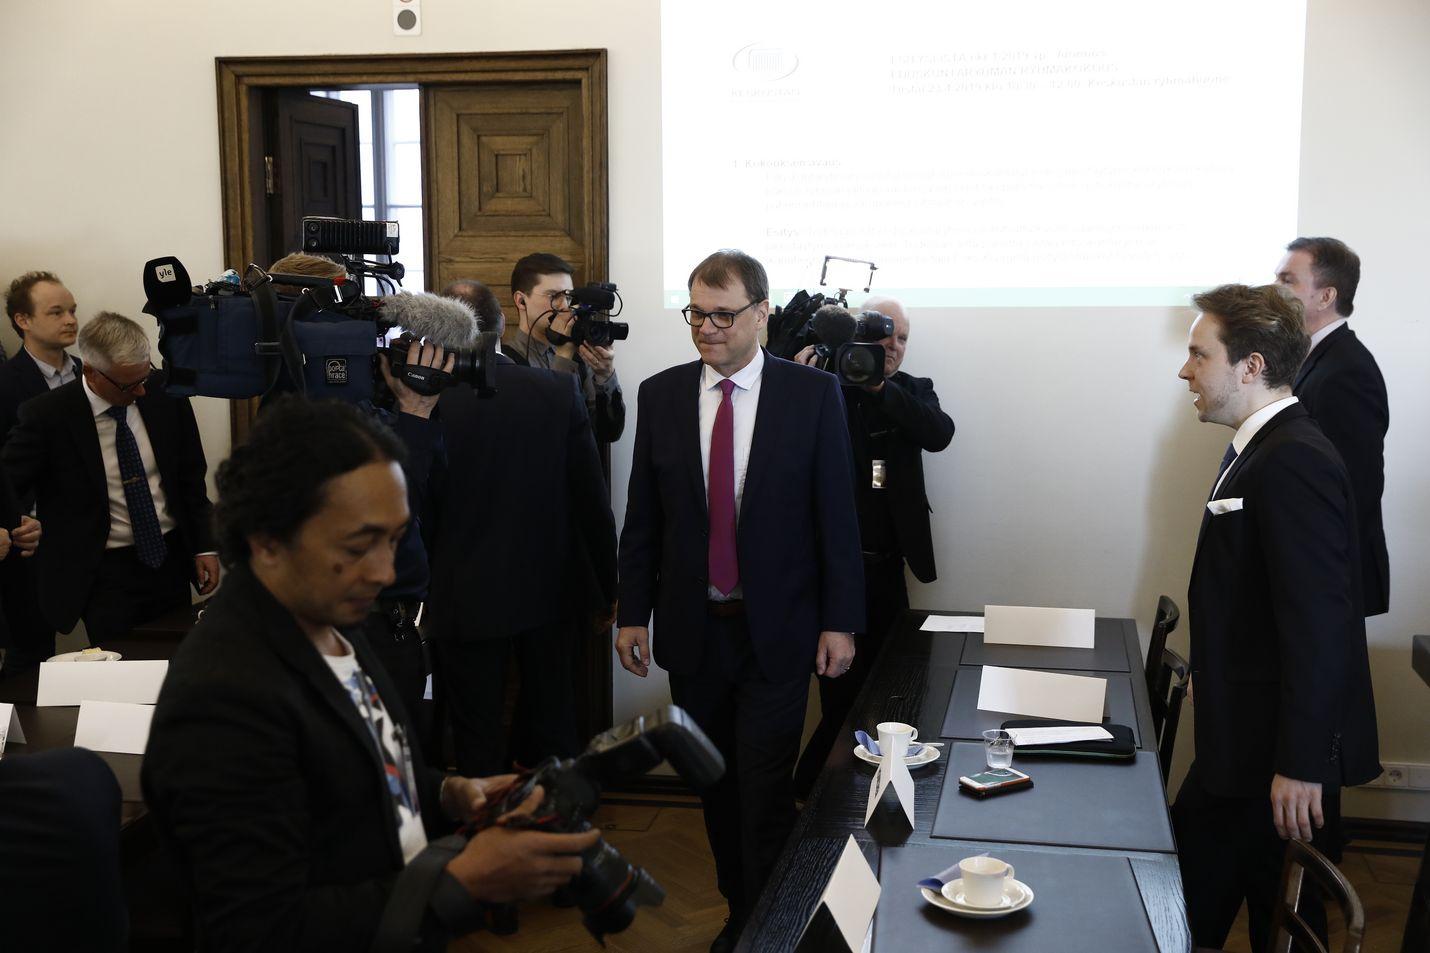 Keskustan eduskuntaryhmä kokoontui ensi kertaa vaalien jälkeen. Juha Sipilä kertoi jatkavansa rivikansanedustajana.